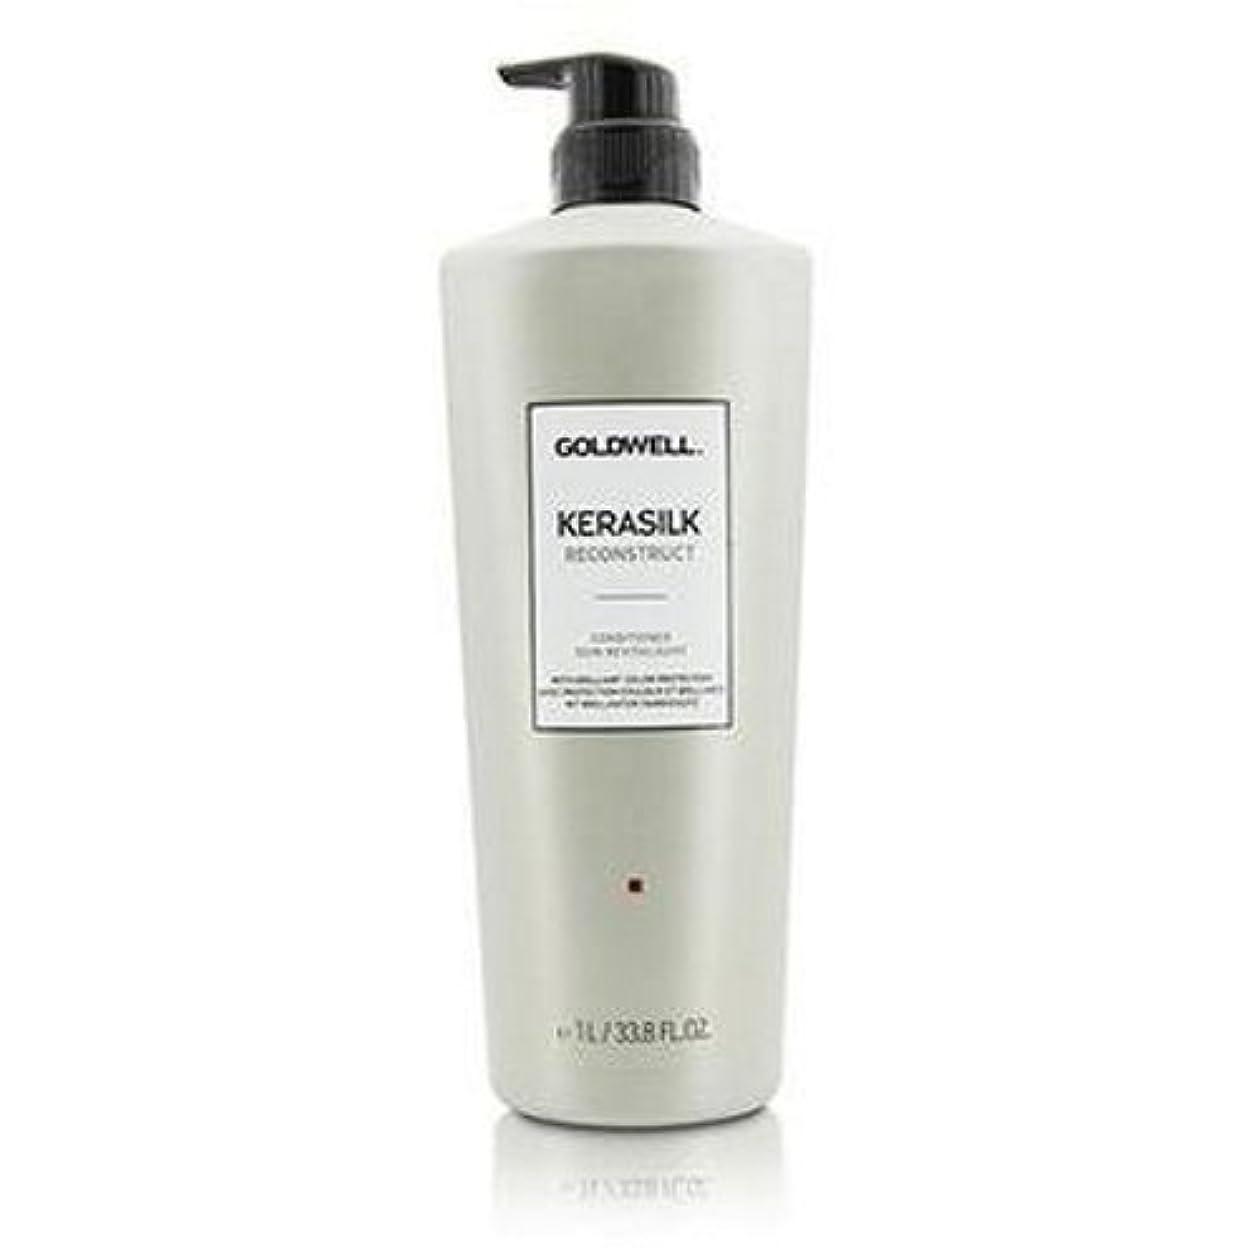 動かない湿地ありがたいゴールドウェル Kerasilk Reconstruct Conditioner (For Stressed and Damaged Hair) 1000ml